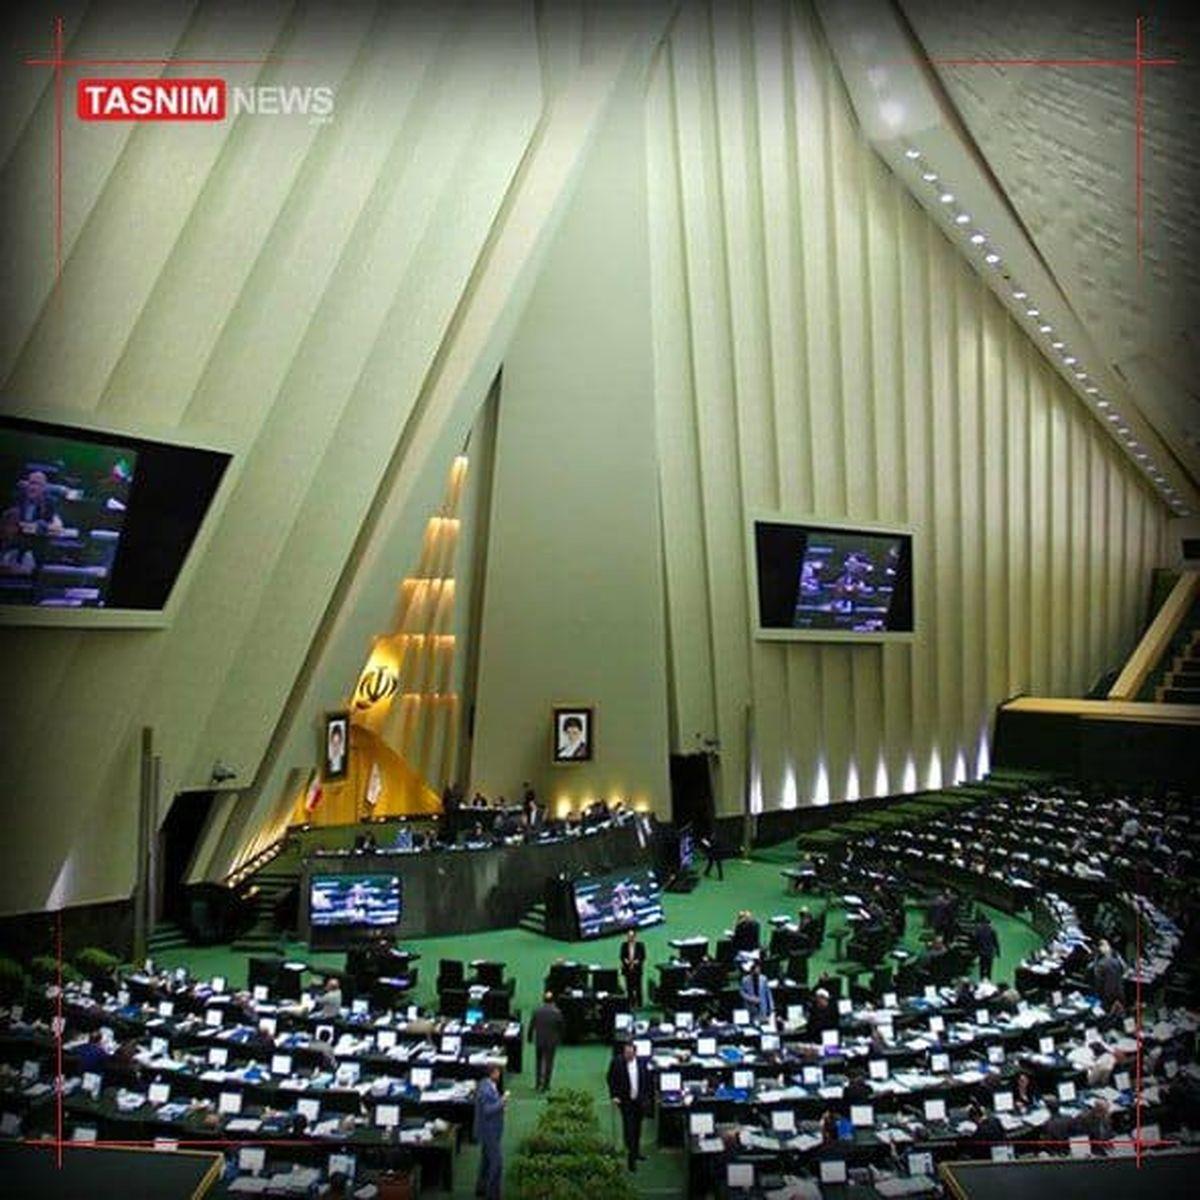 کوچکینژاد: روحانی کمیسیون تلفیق را دچار تناقض کرد